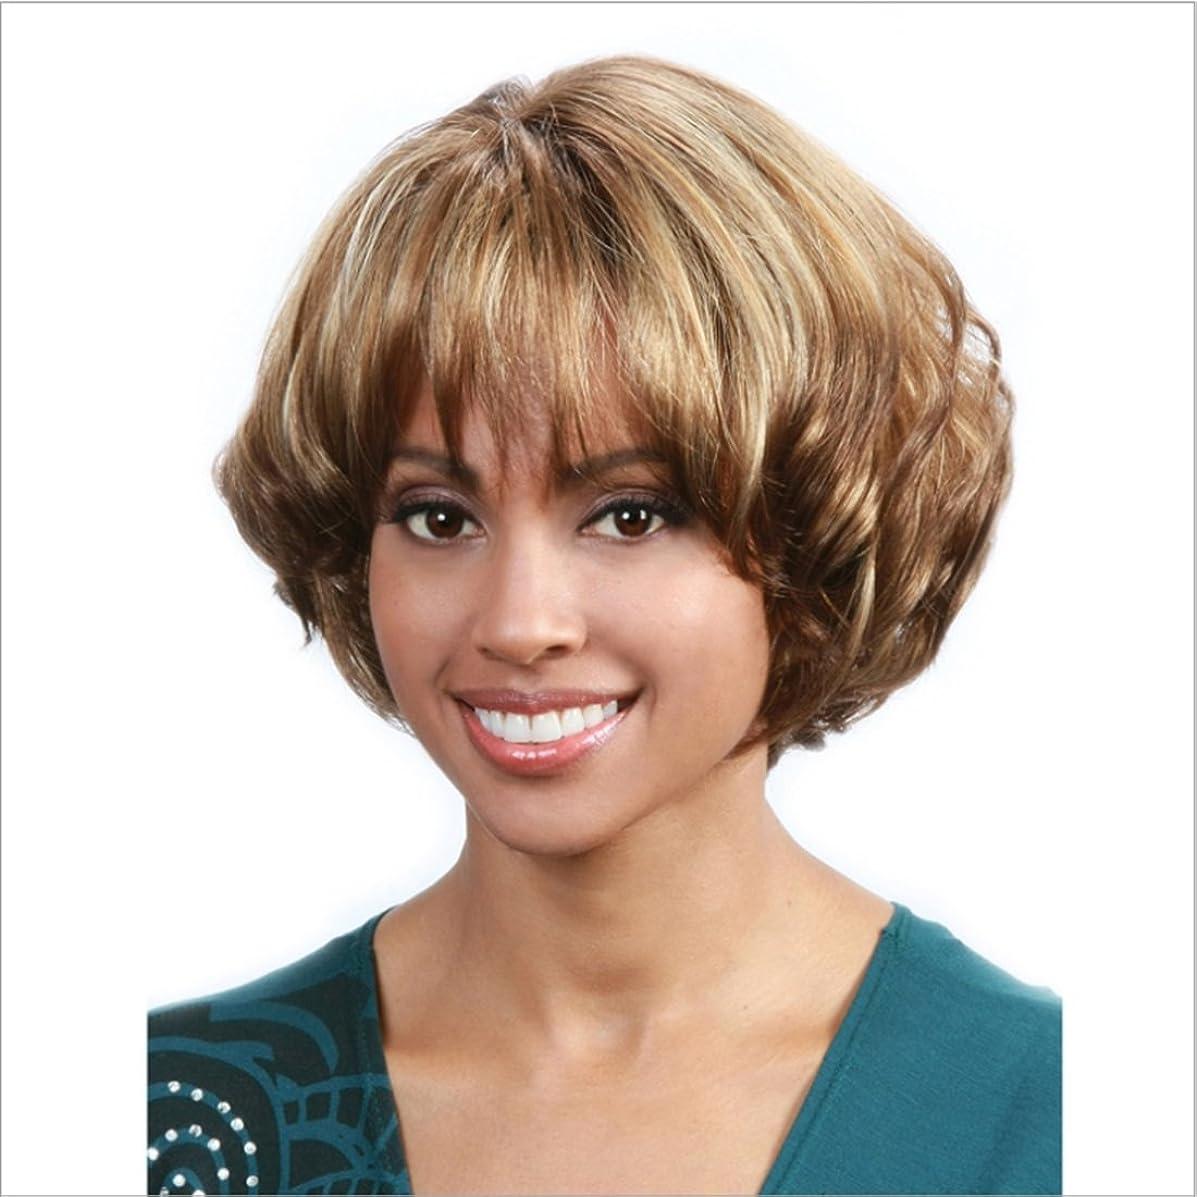 海洋見捨てられたなぞらえるMayalina 混合色かつら白人女性のためのカーリー人工毛ショート茶色と黒のかつら熱抵抗毛ふわふわウィッグとフラット前髪10インチ/ 150gファッションかつら (色 : Brown and black)